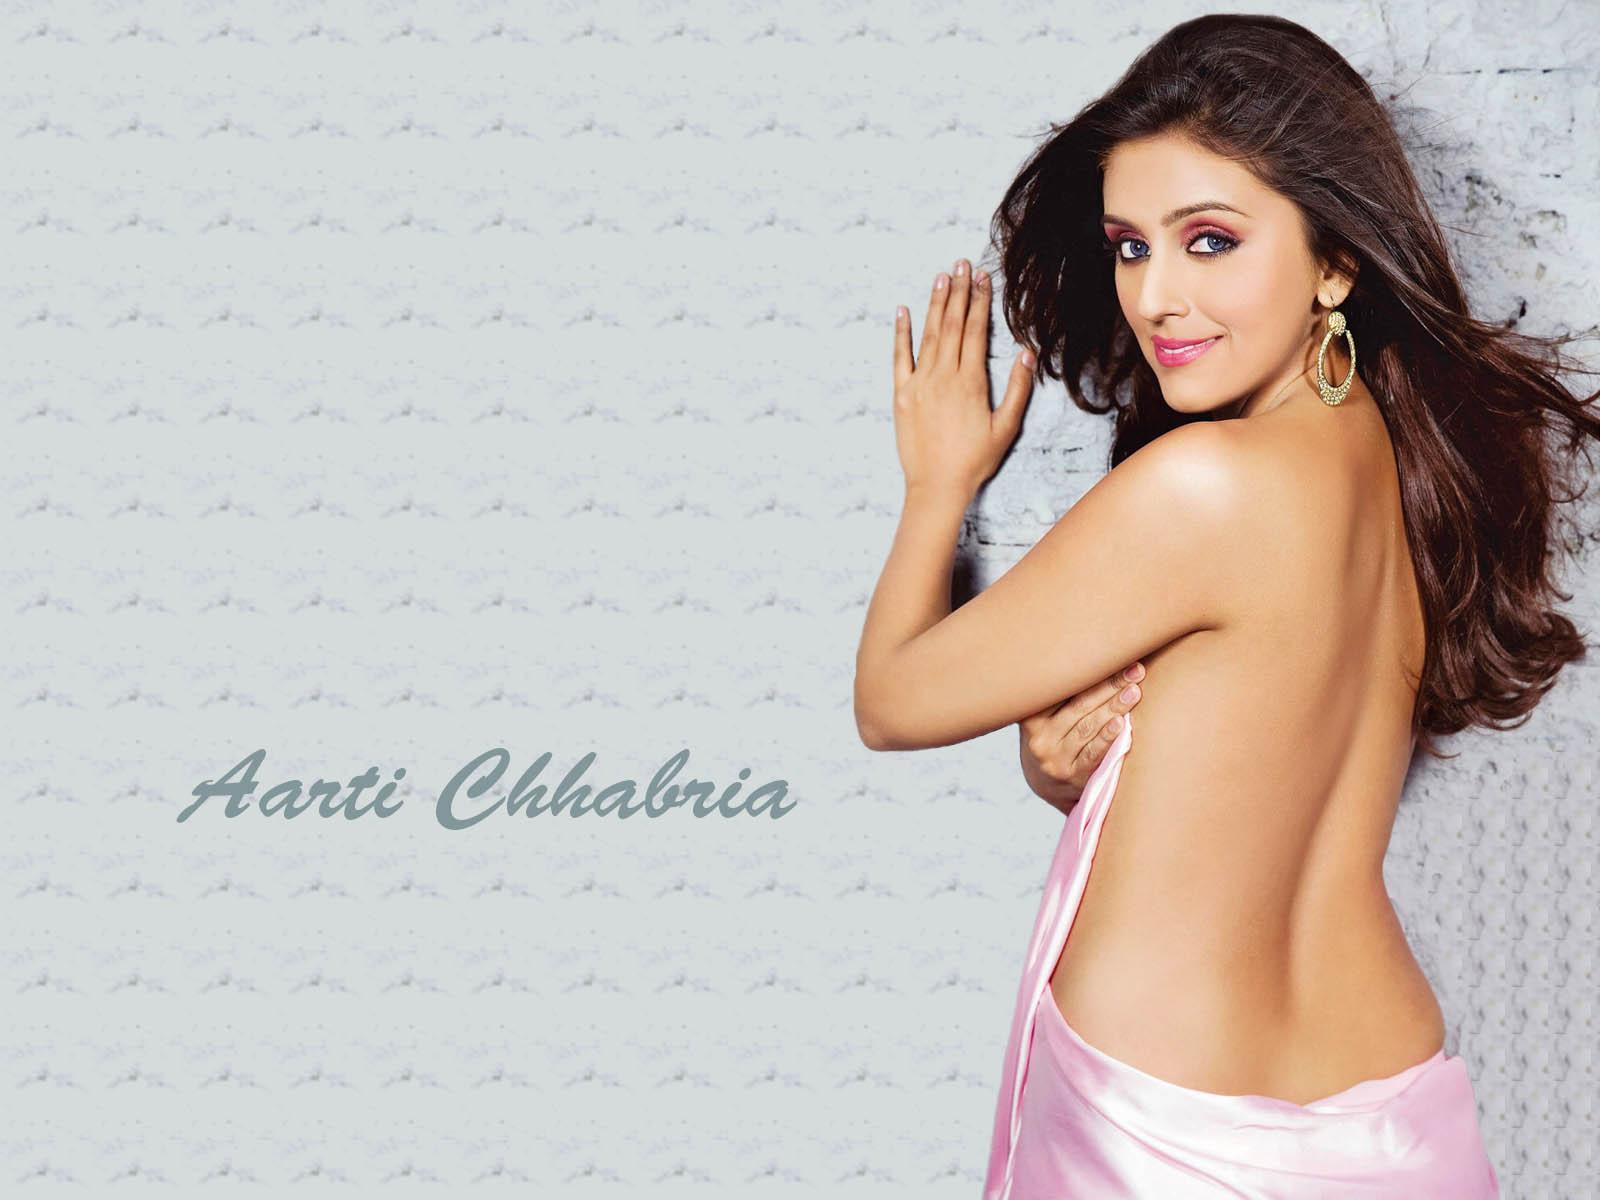 Fashion fantasist bollywood actress aarti chhabria in hot clothes bollywood actress aarti chhabria in hot clothes altavistaventures Gallery